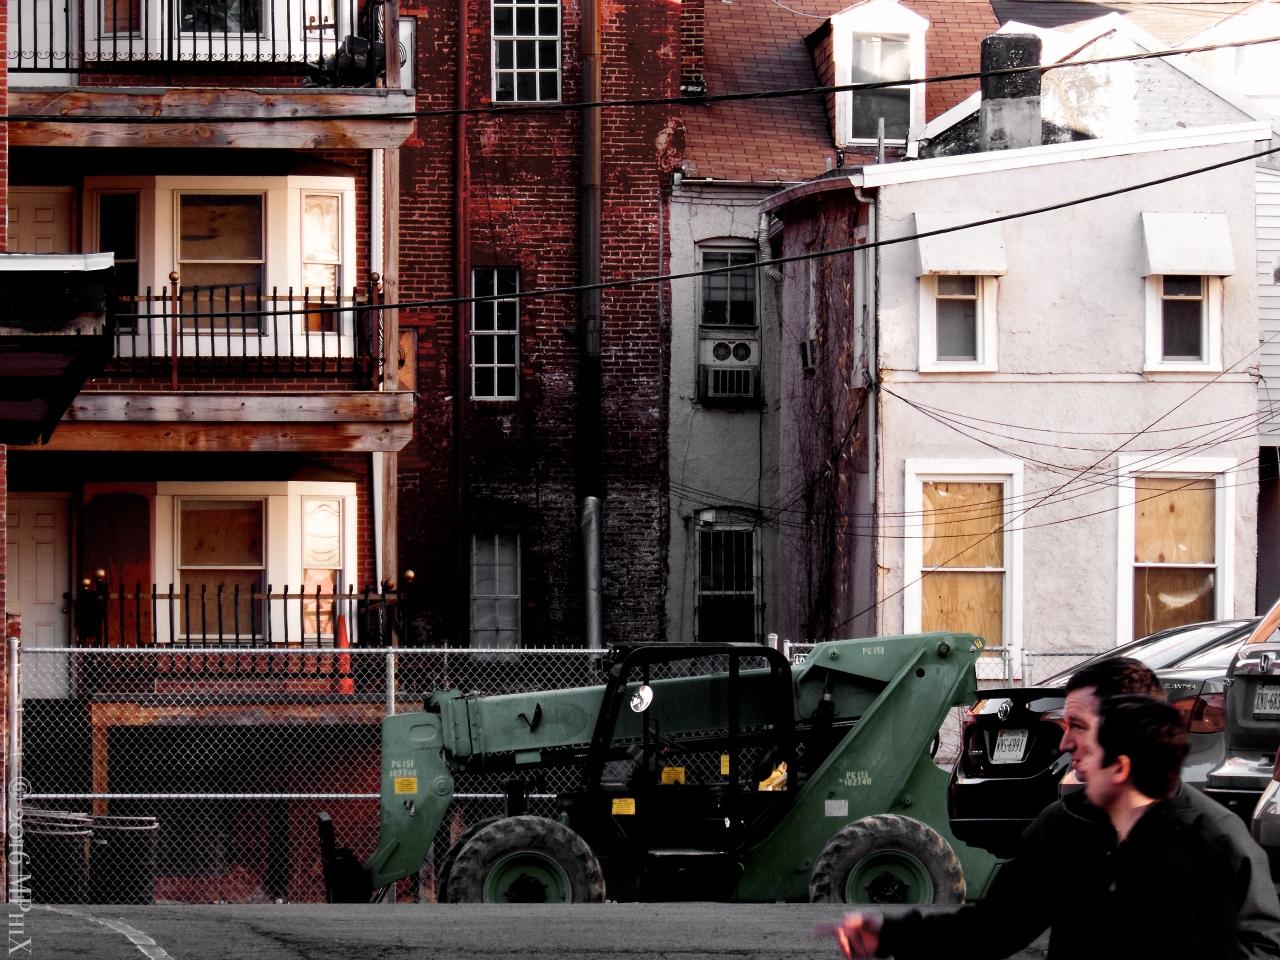 Green Tractor DC Brown Tint_MPHIX